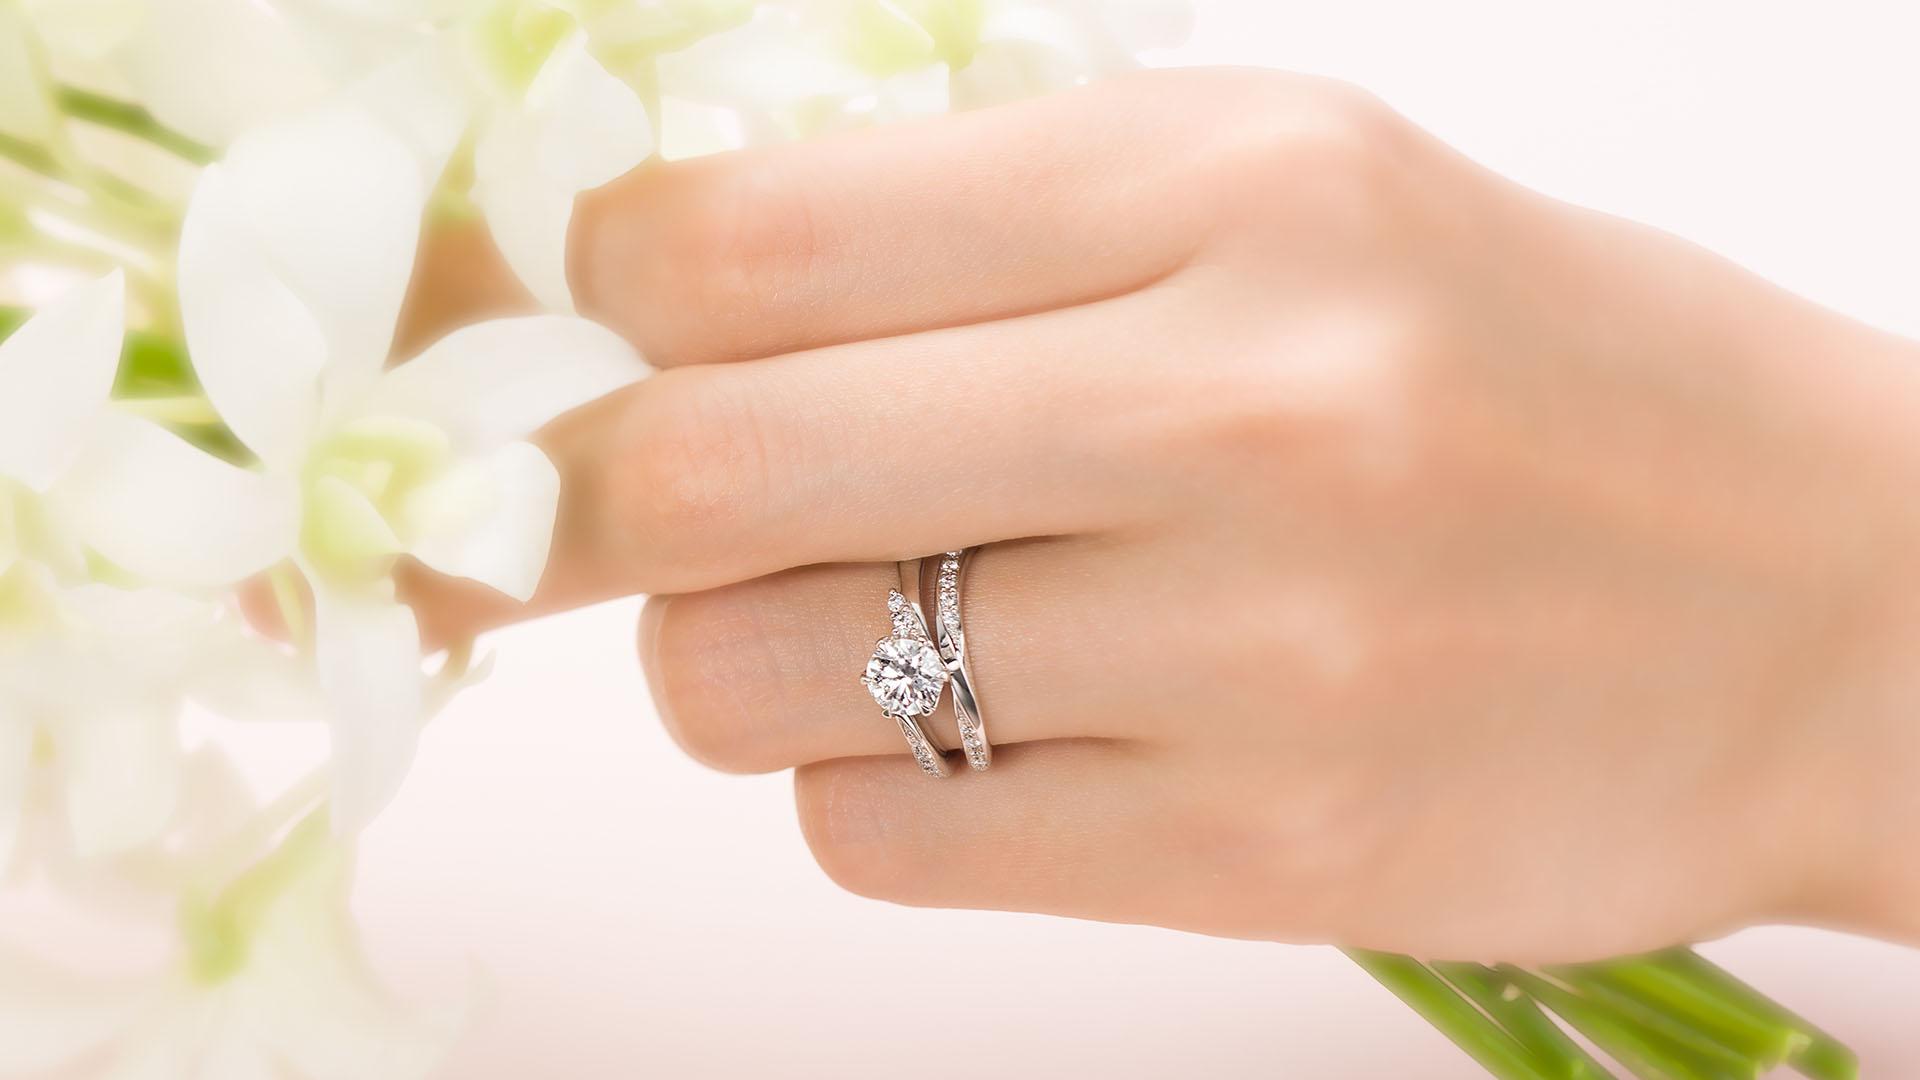 andromeda アンドロメダ | 婚約指輪サムネイル 6